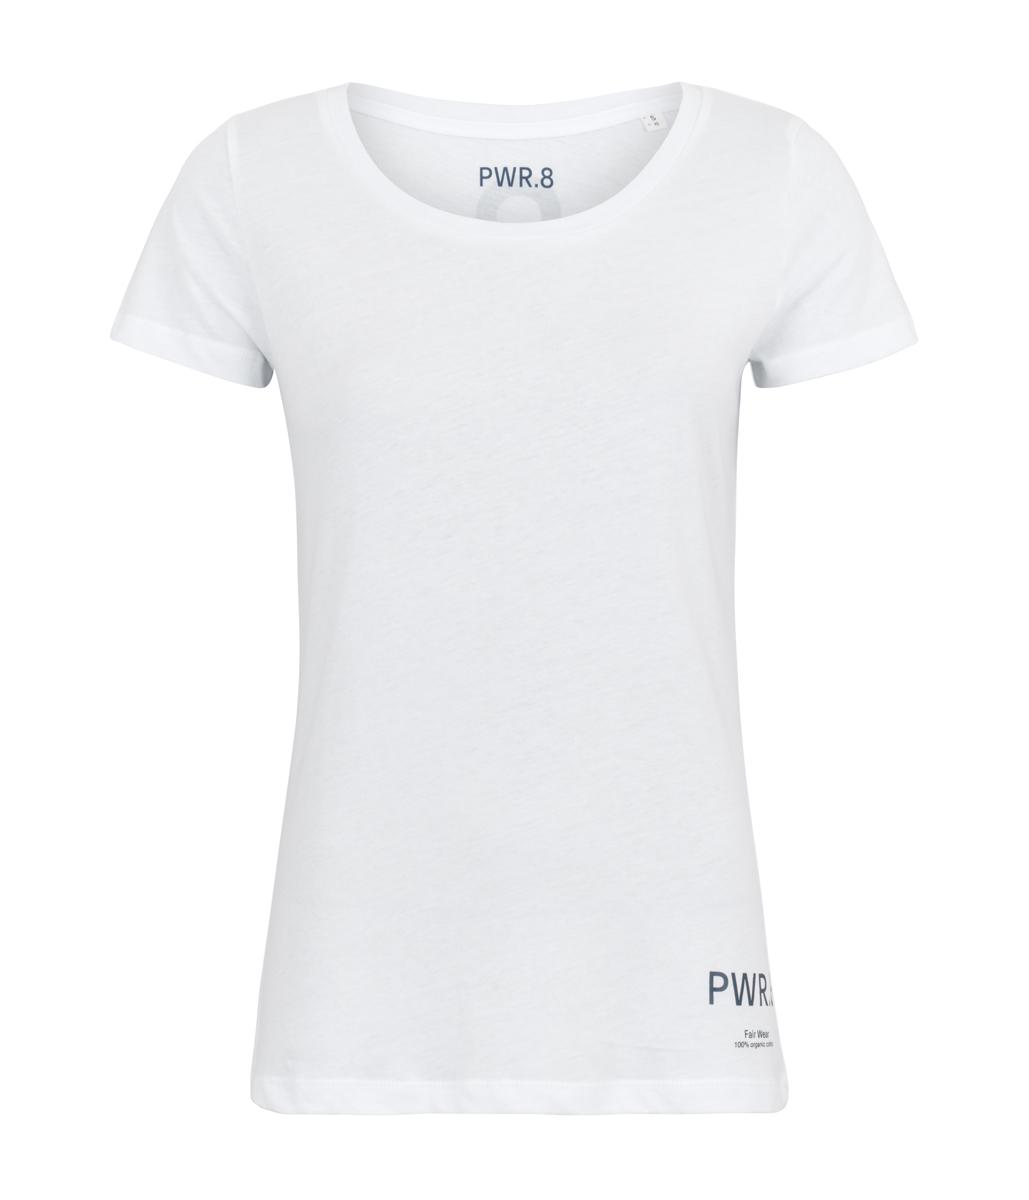 Pwr8_001